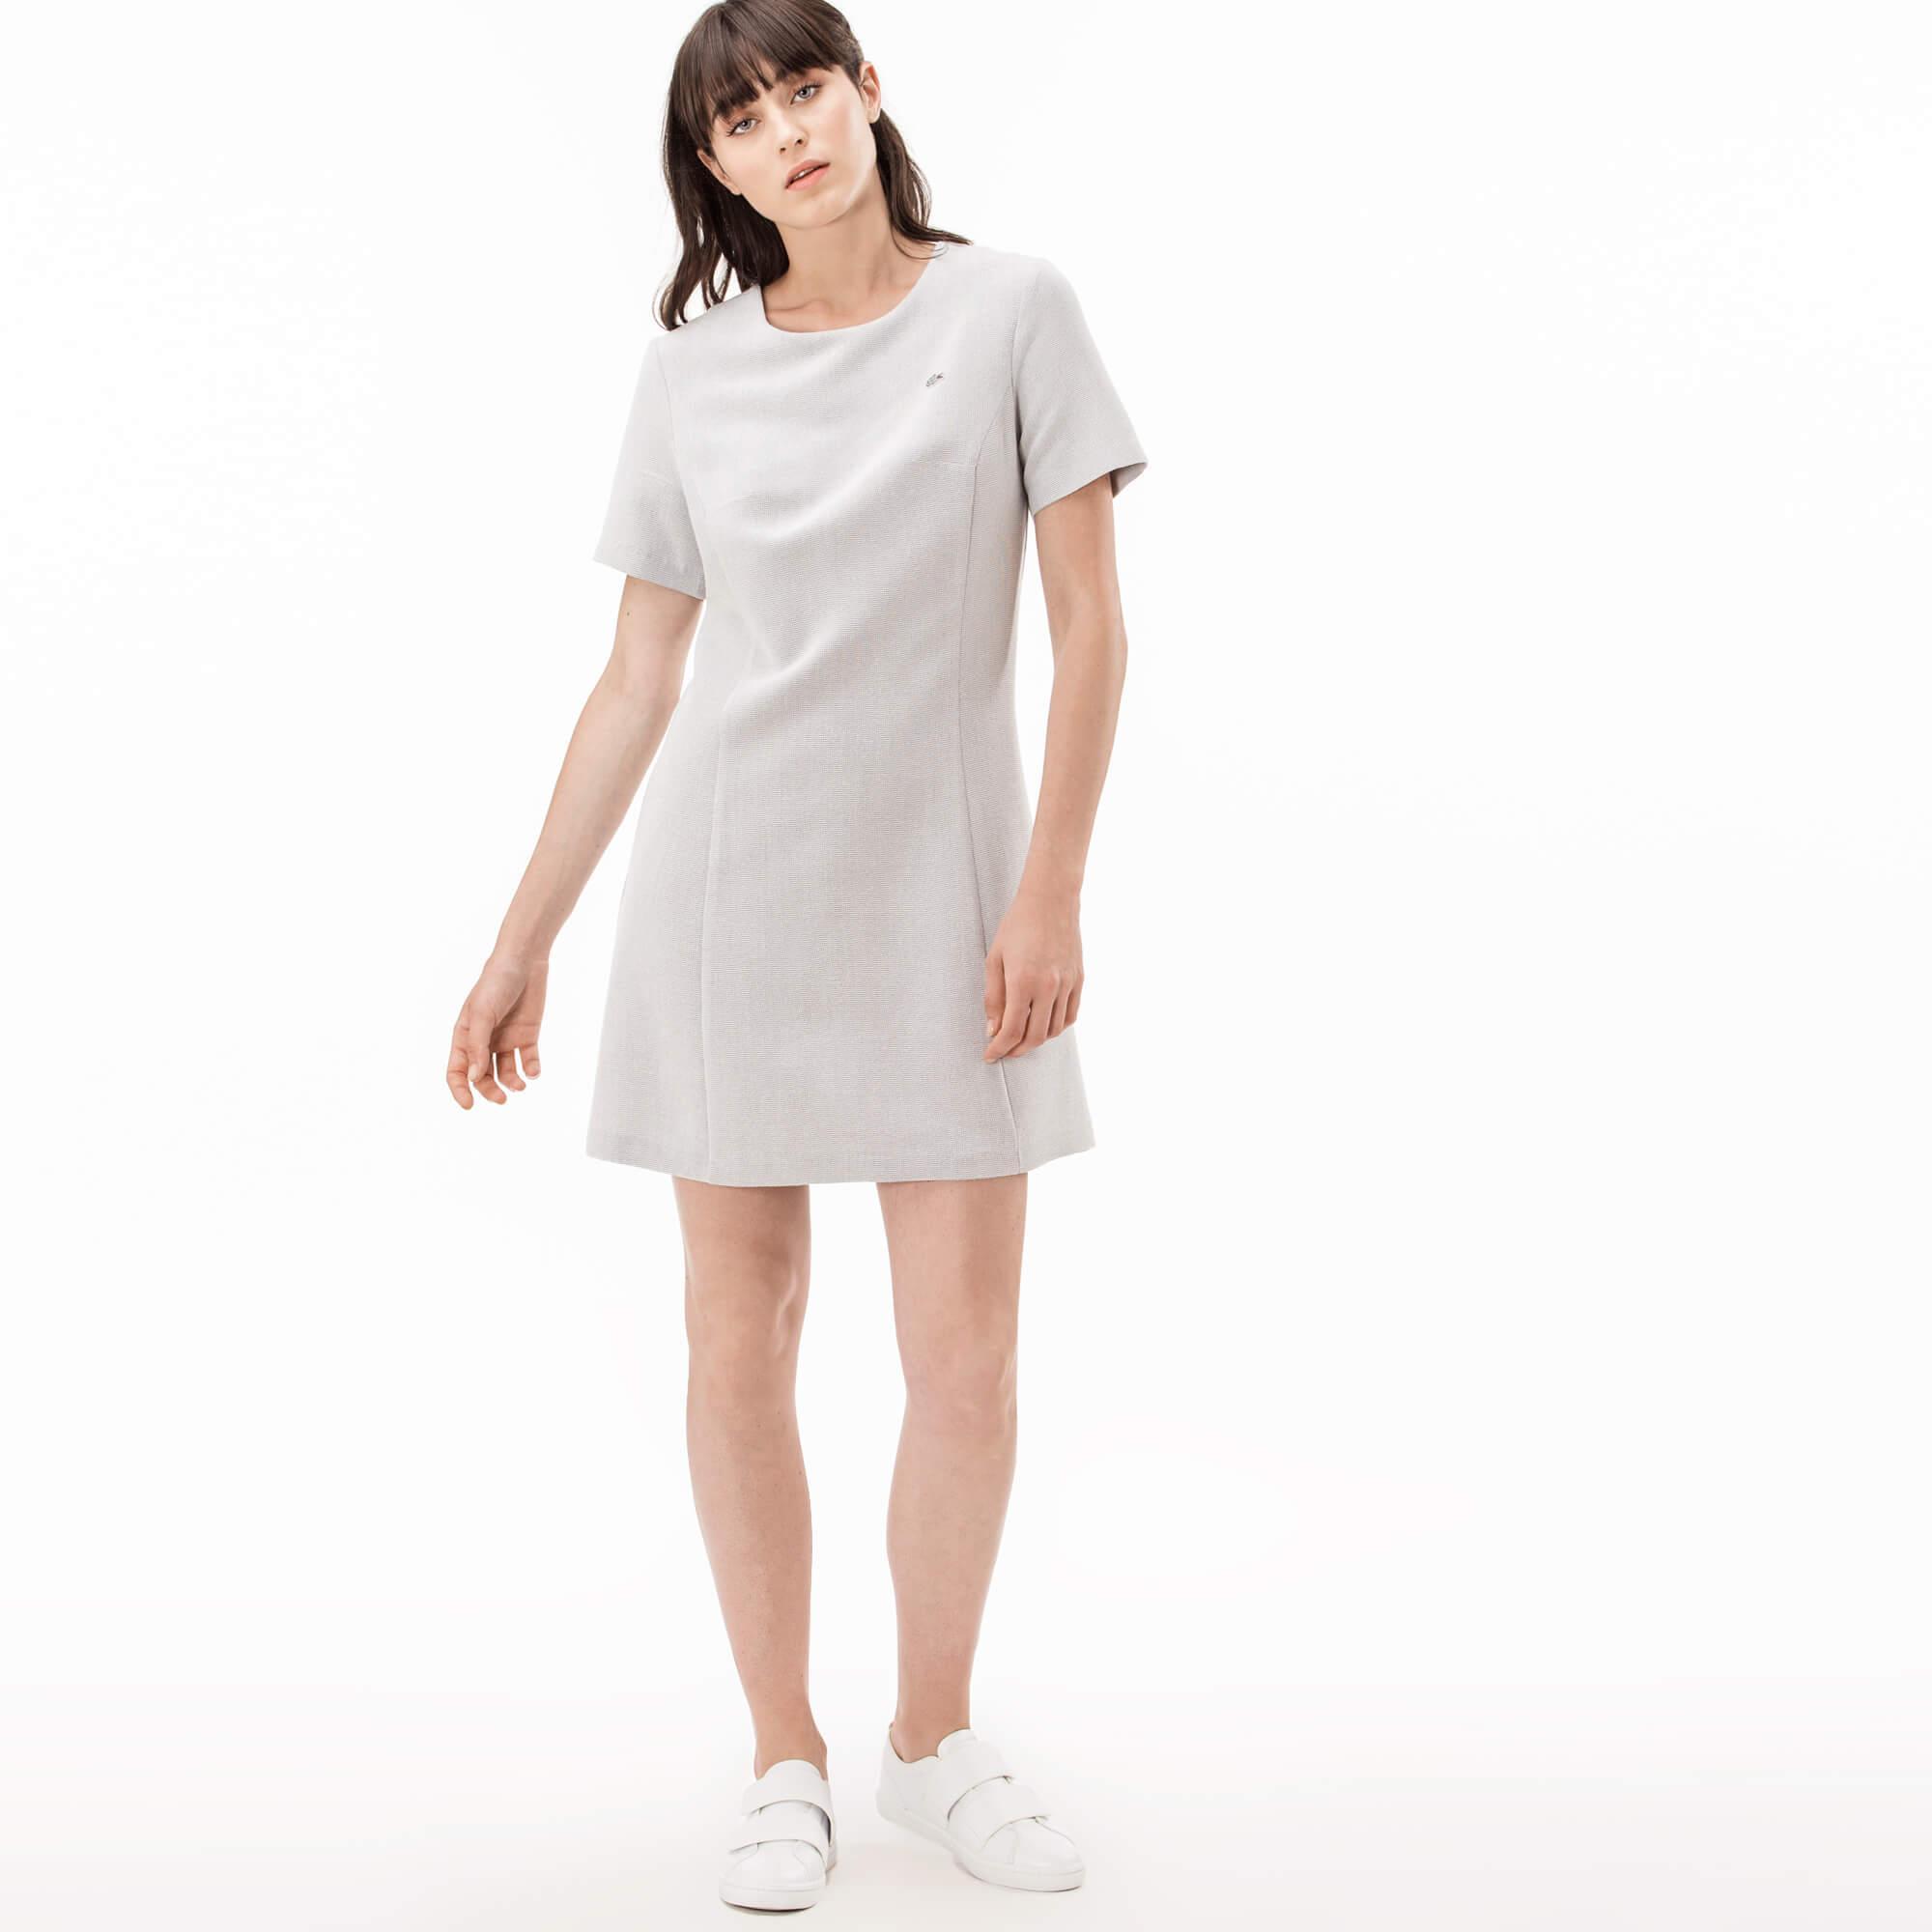 Платье LacosteПлатья и юбки<br>80% модал 20% полиэстер